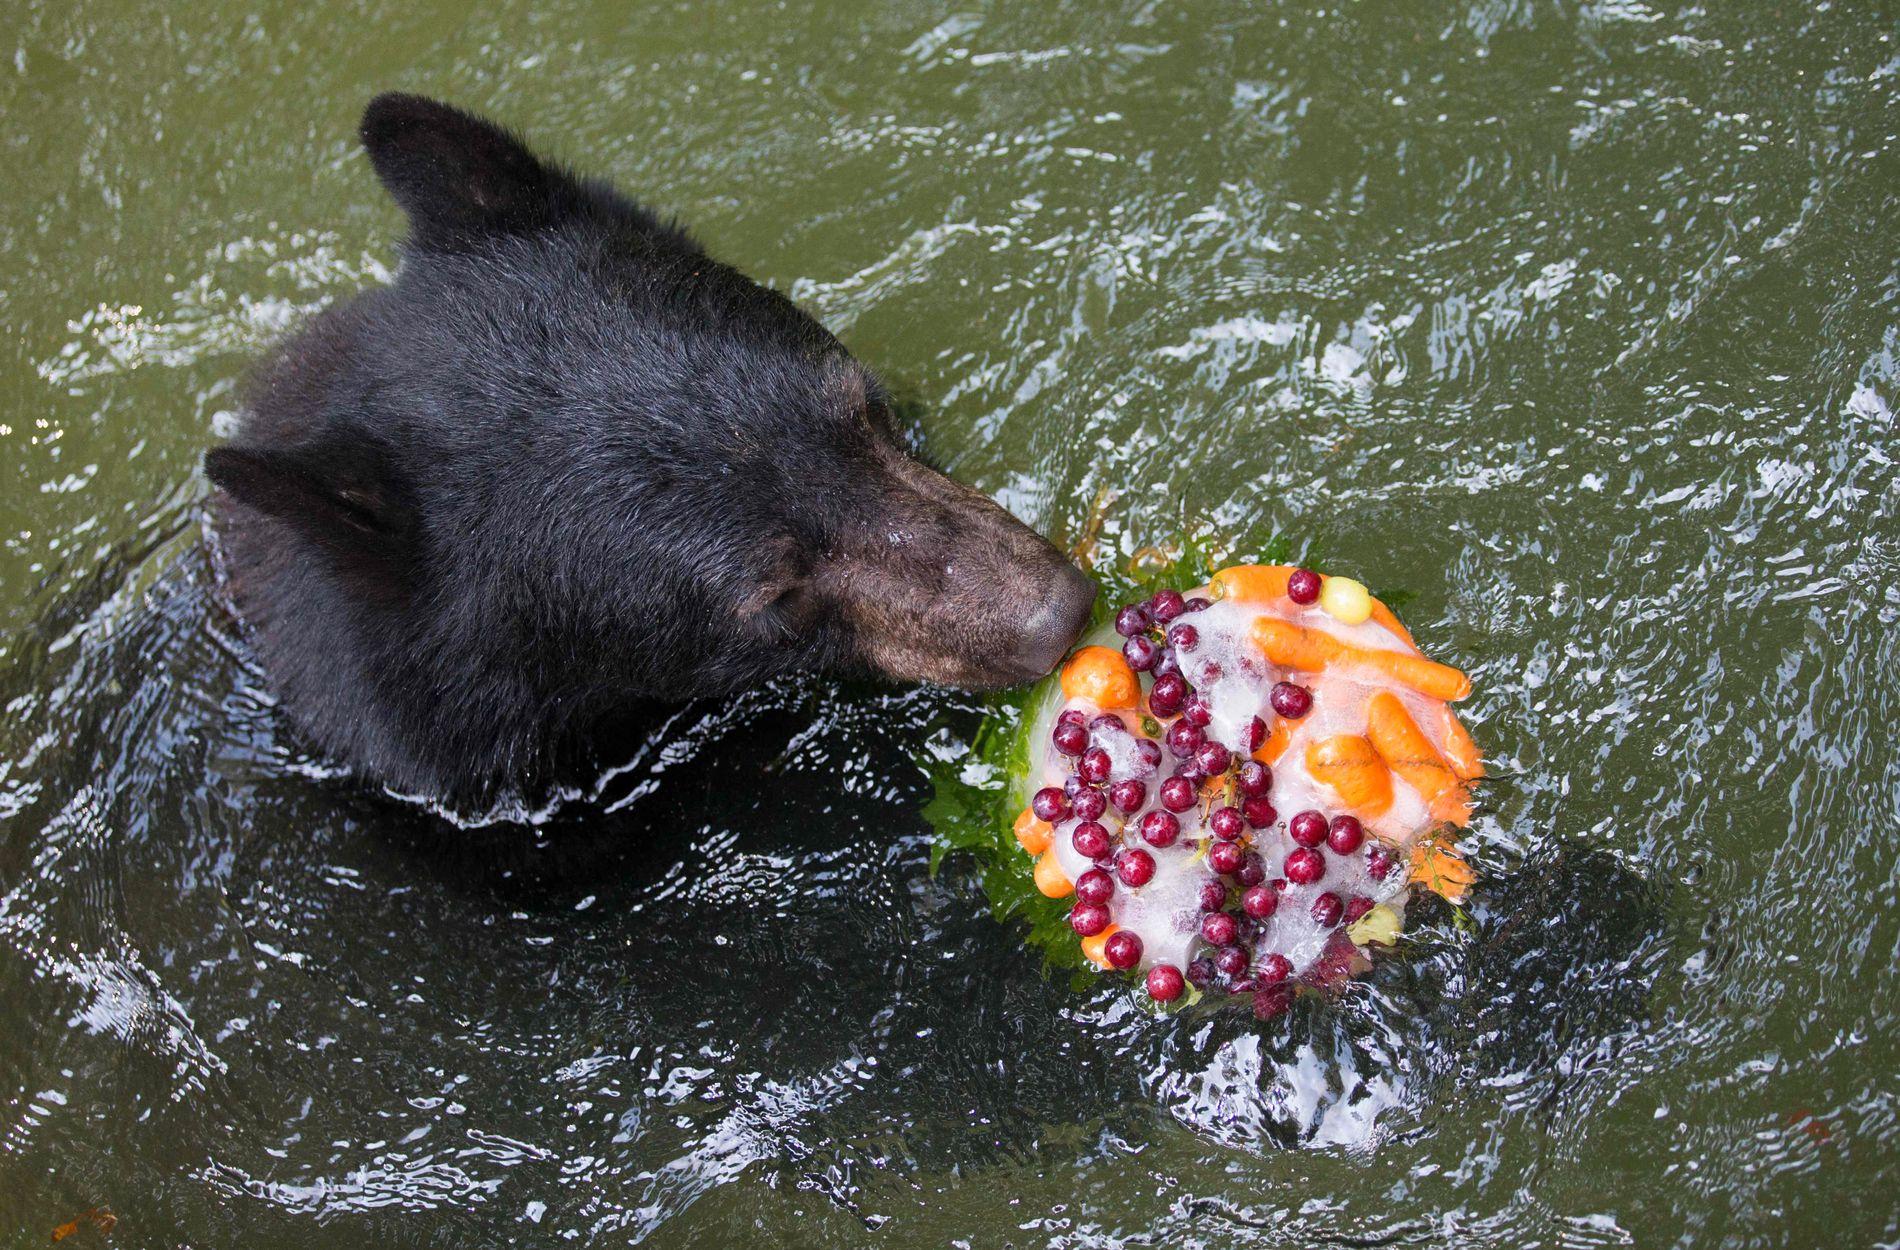 GODT OG KALDT: En svartbjørn i Osnabrück dyrepark kjøler seg ned på både utsiden og innsiden, med en kald dessert i bassenget.